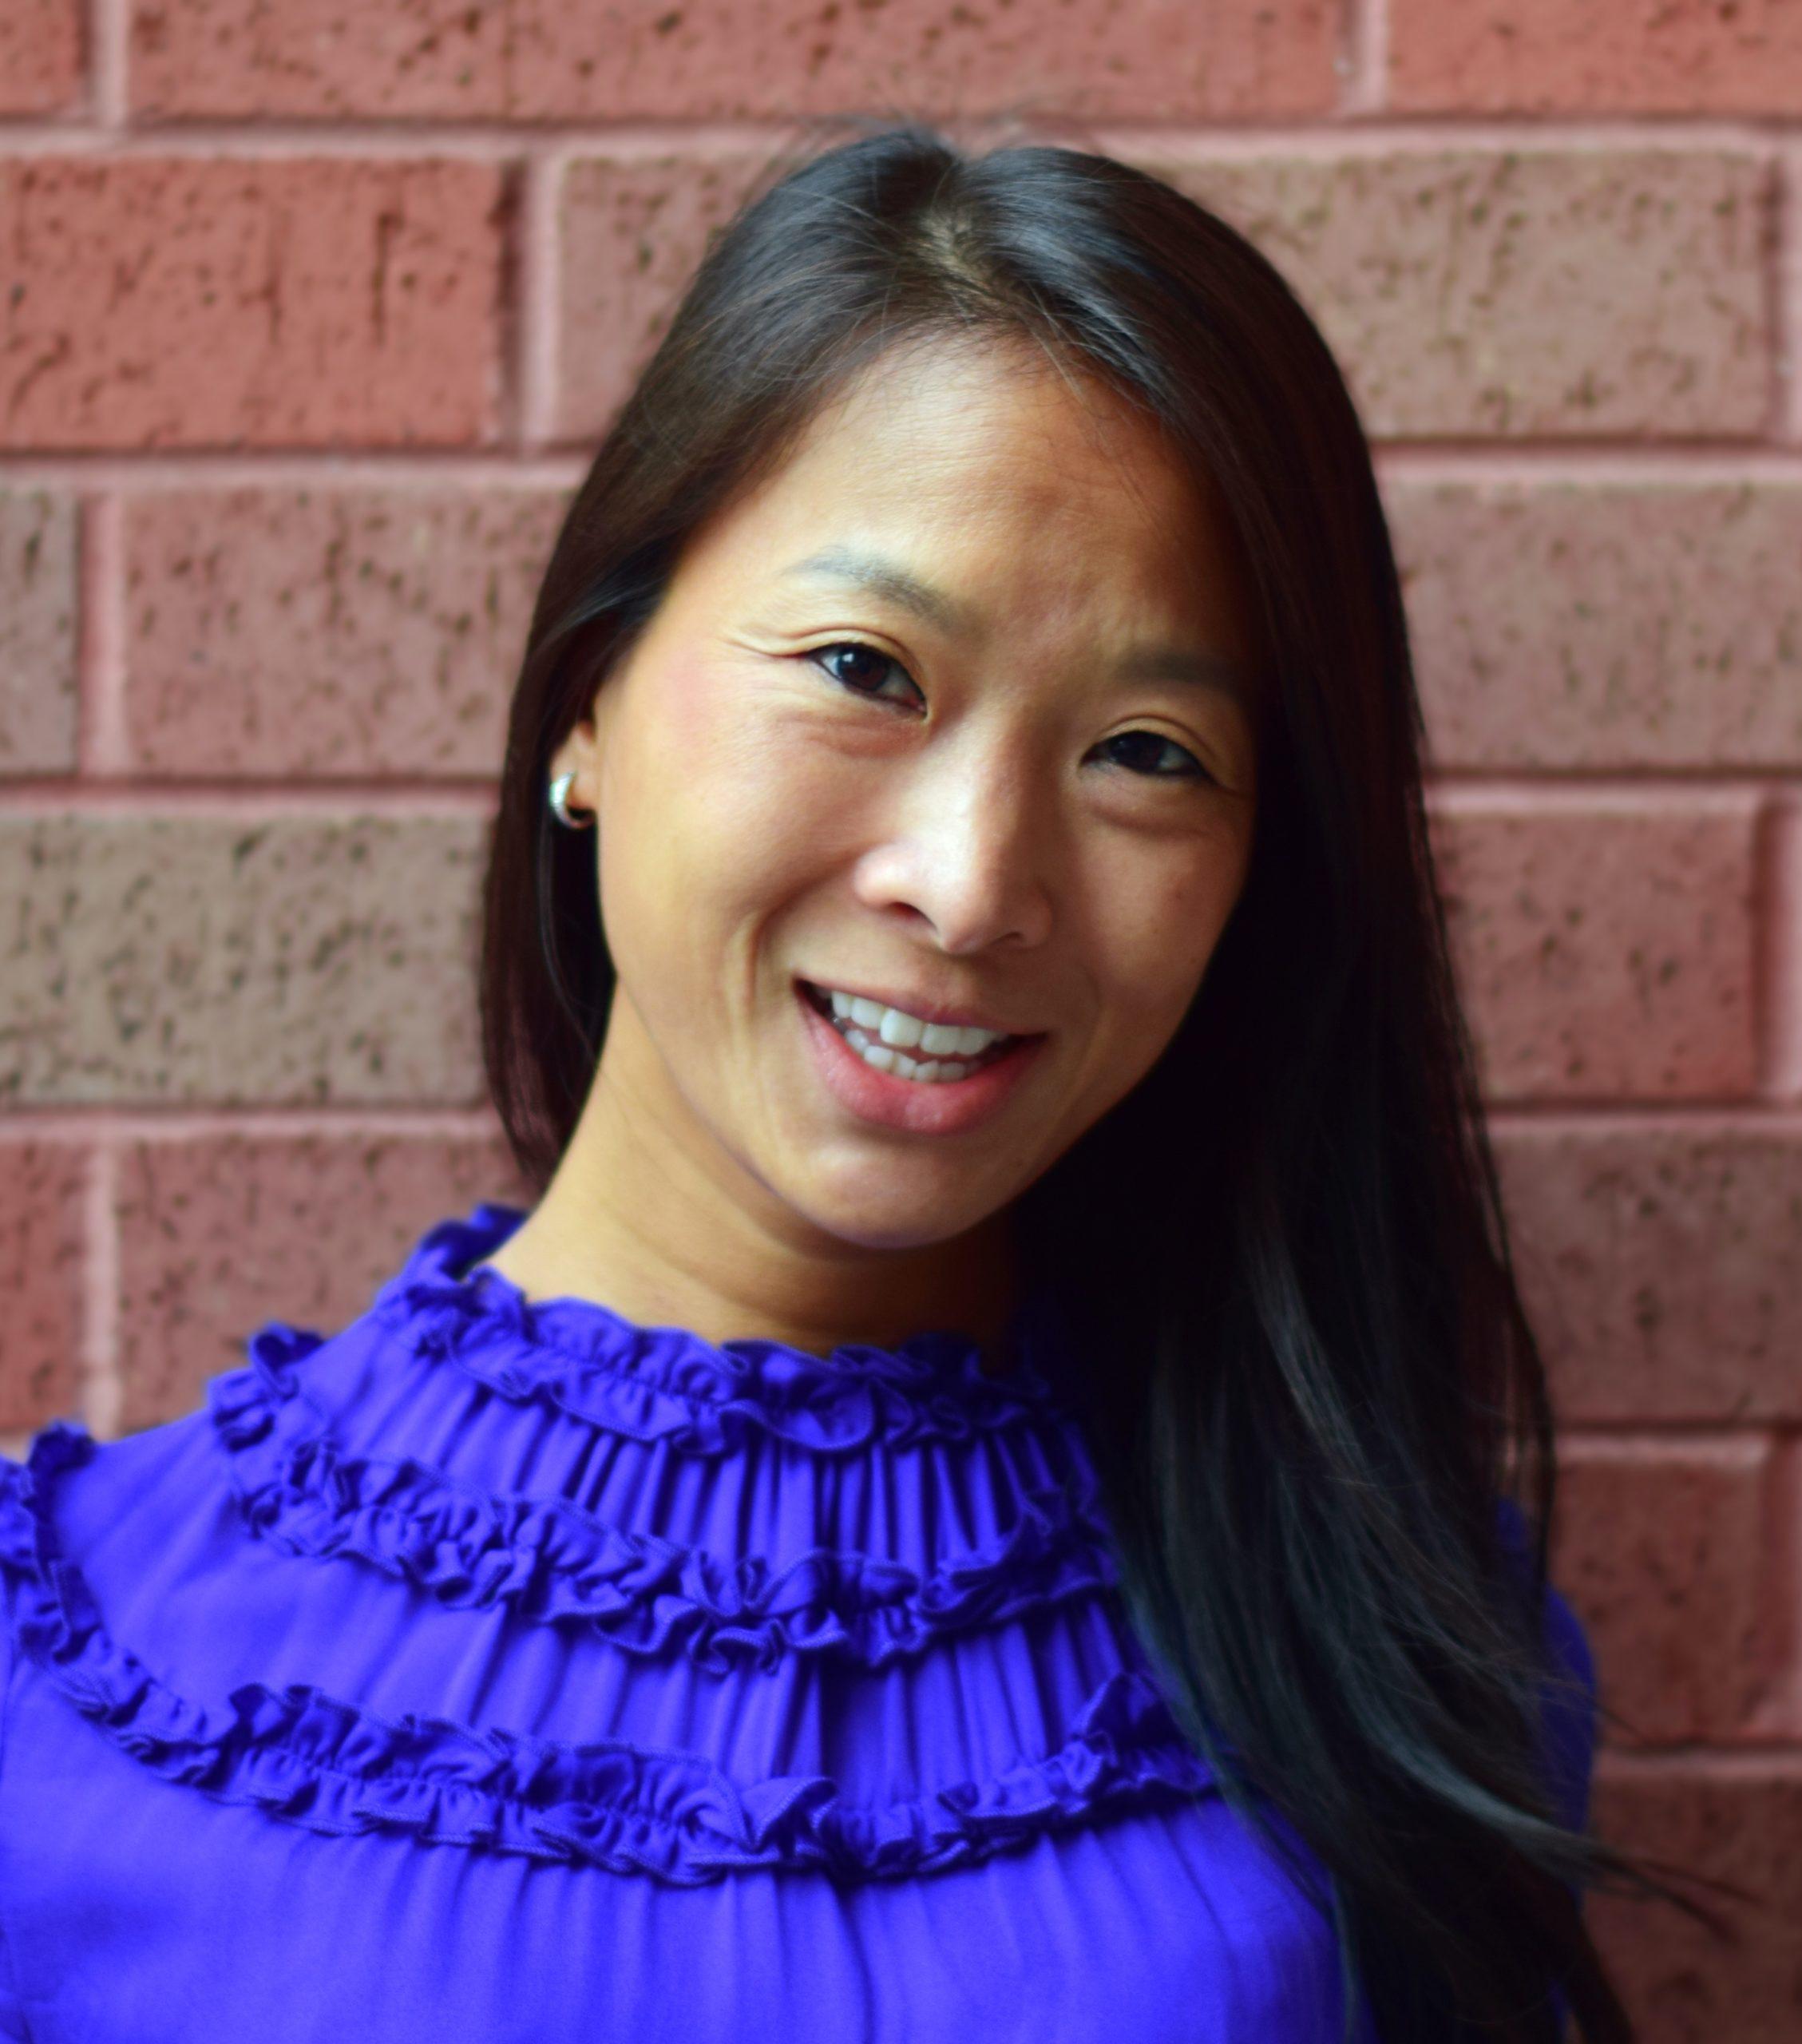 Annie-Wang-scaled-scaled.jpg